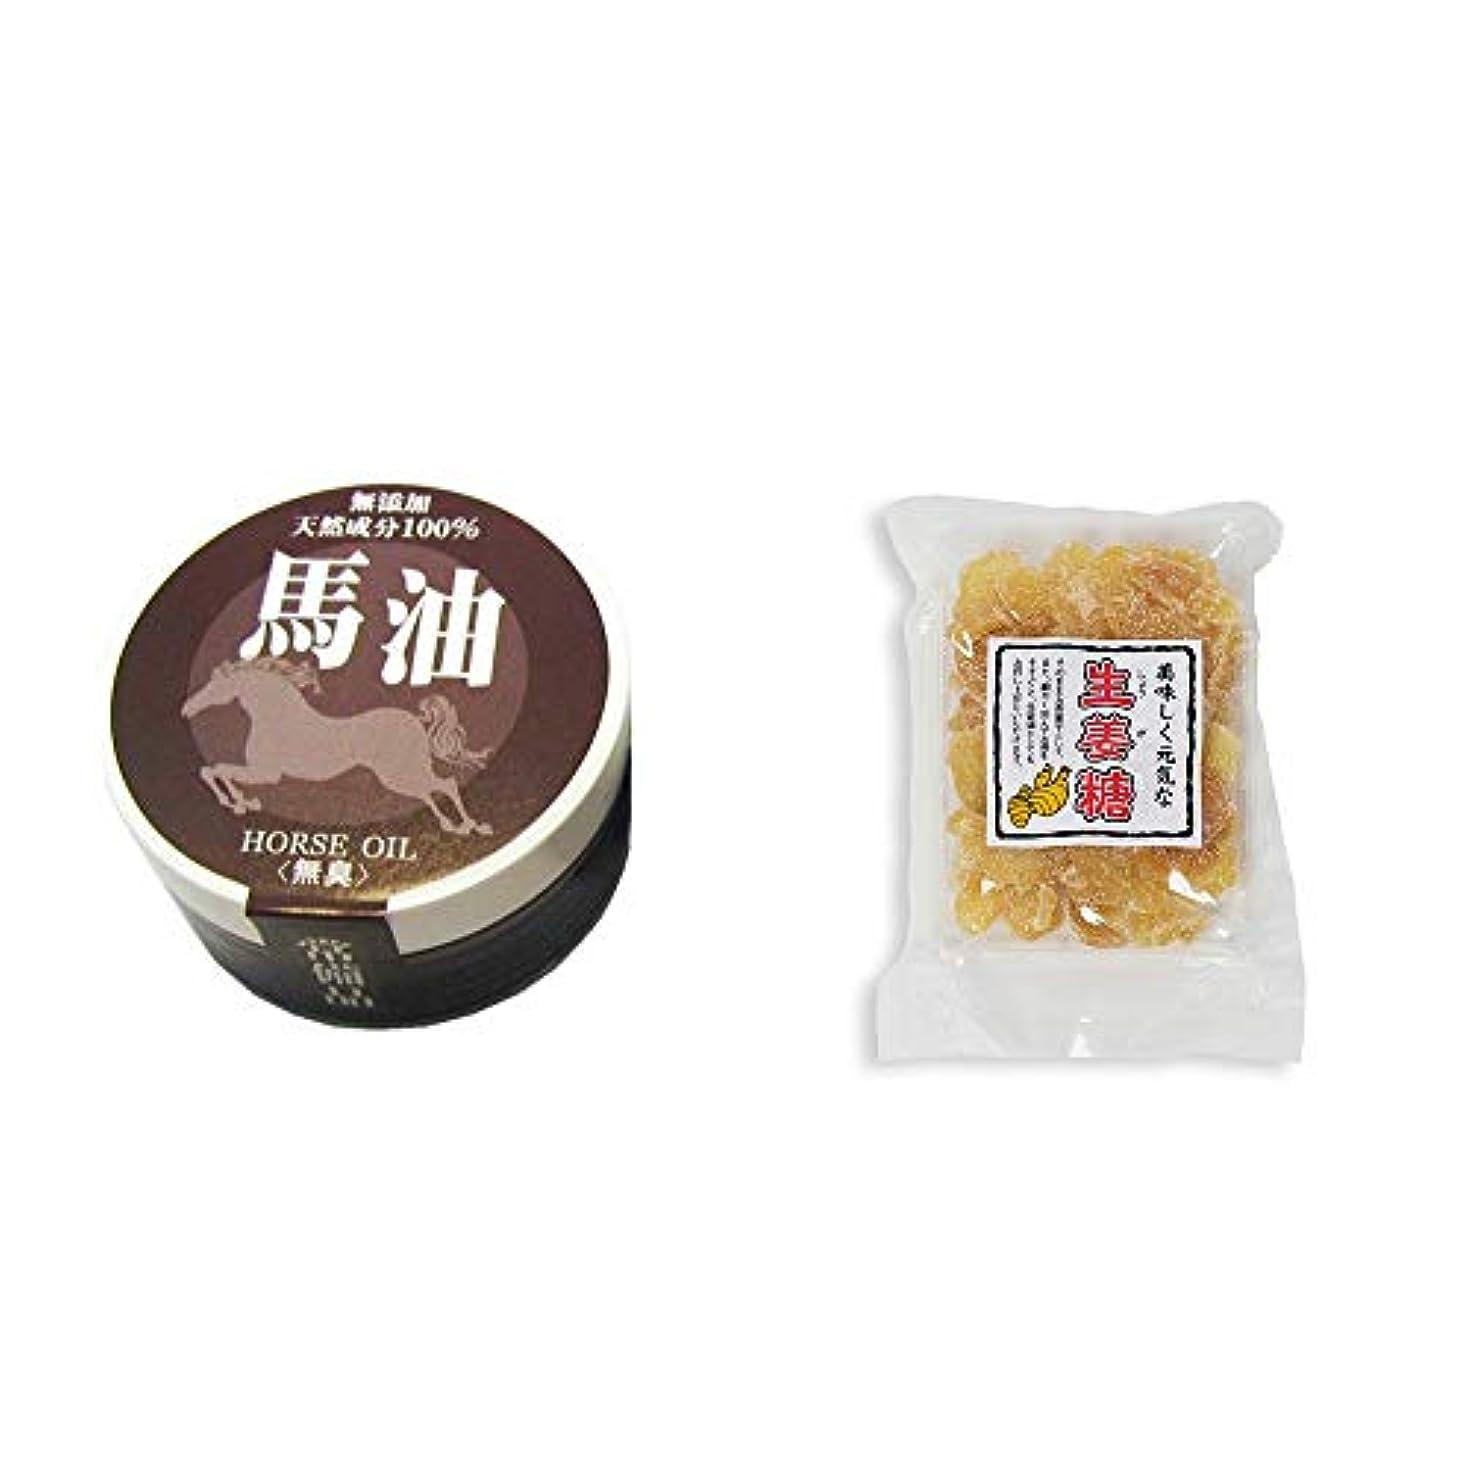 前文ユーモラス費用[2点セット] 無添加天然成分100% 馬油[無香料](38g)?生姜糖(230g)